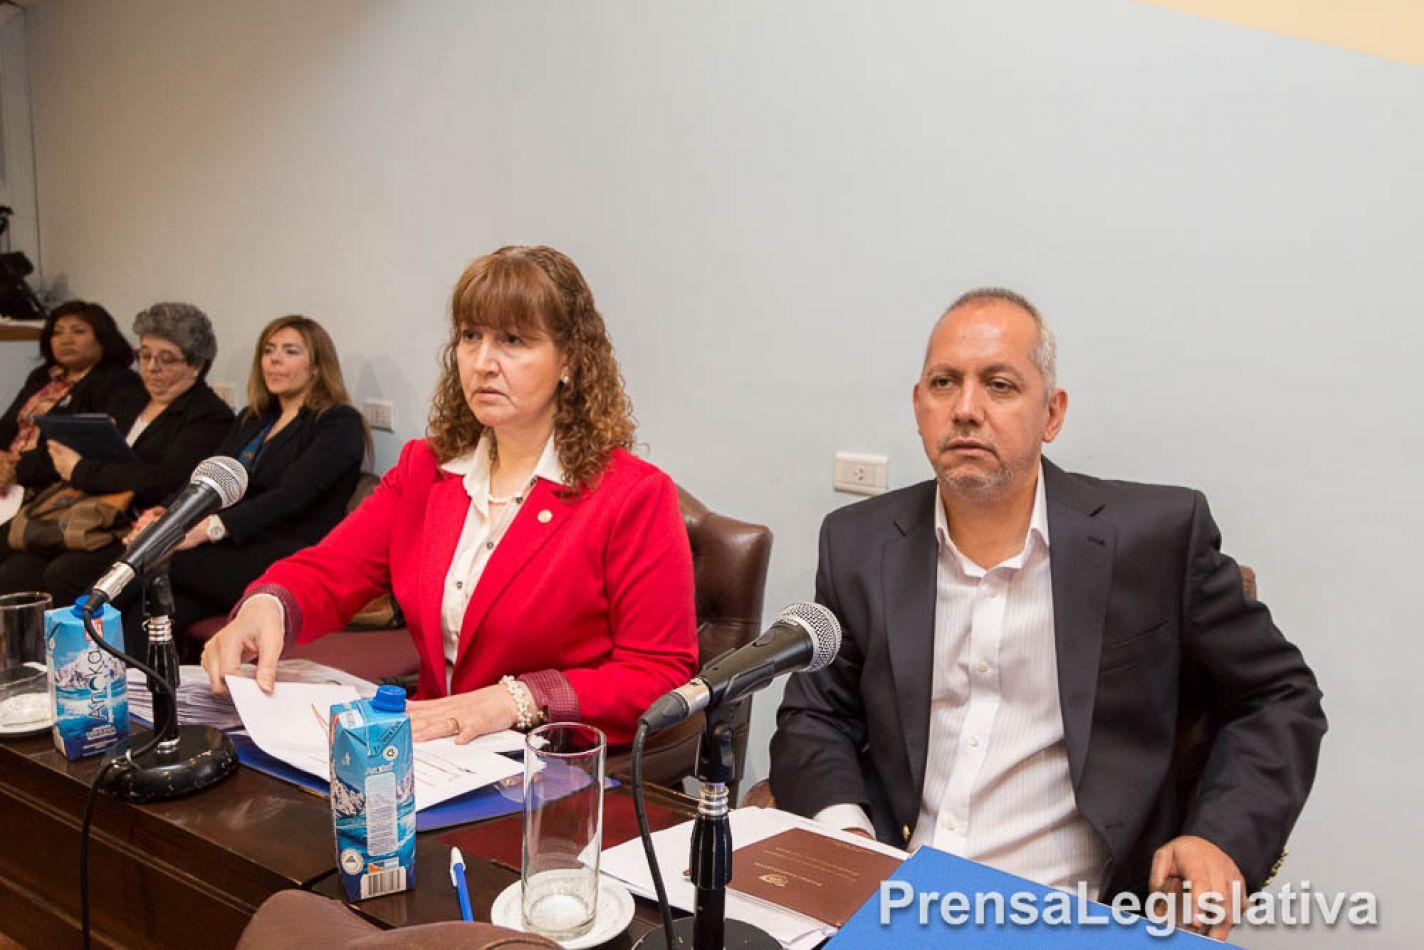 Los Legisladores provinciales del Movimiento Popular Fueguino, Mónica Urquiza y Pablo Villegas